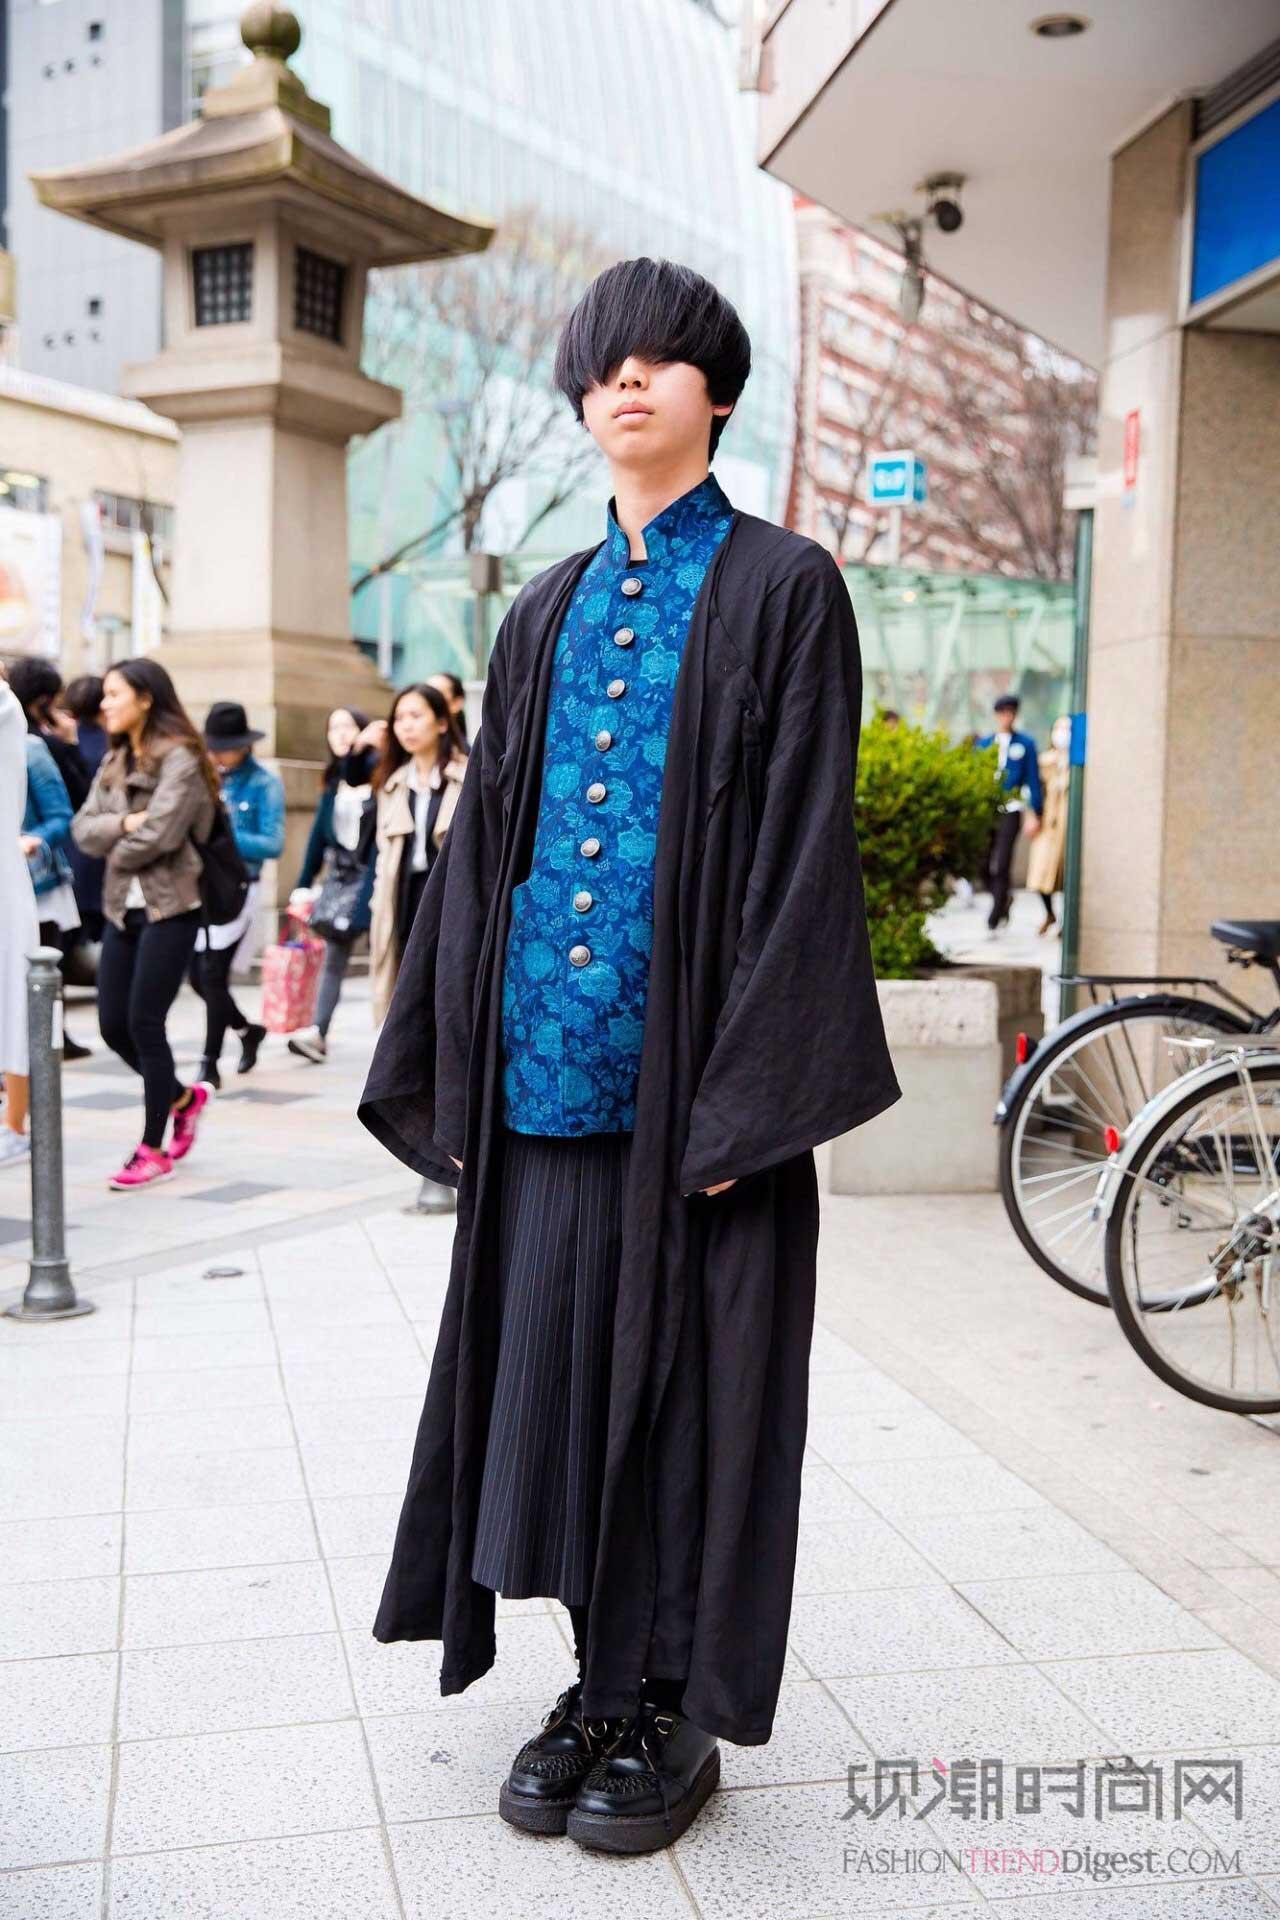 街拍技术哪家强 | 韩国时装...